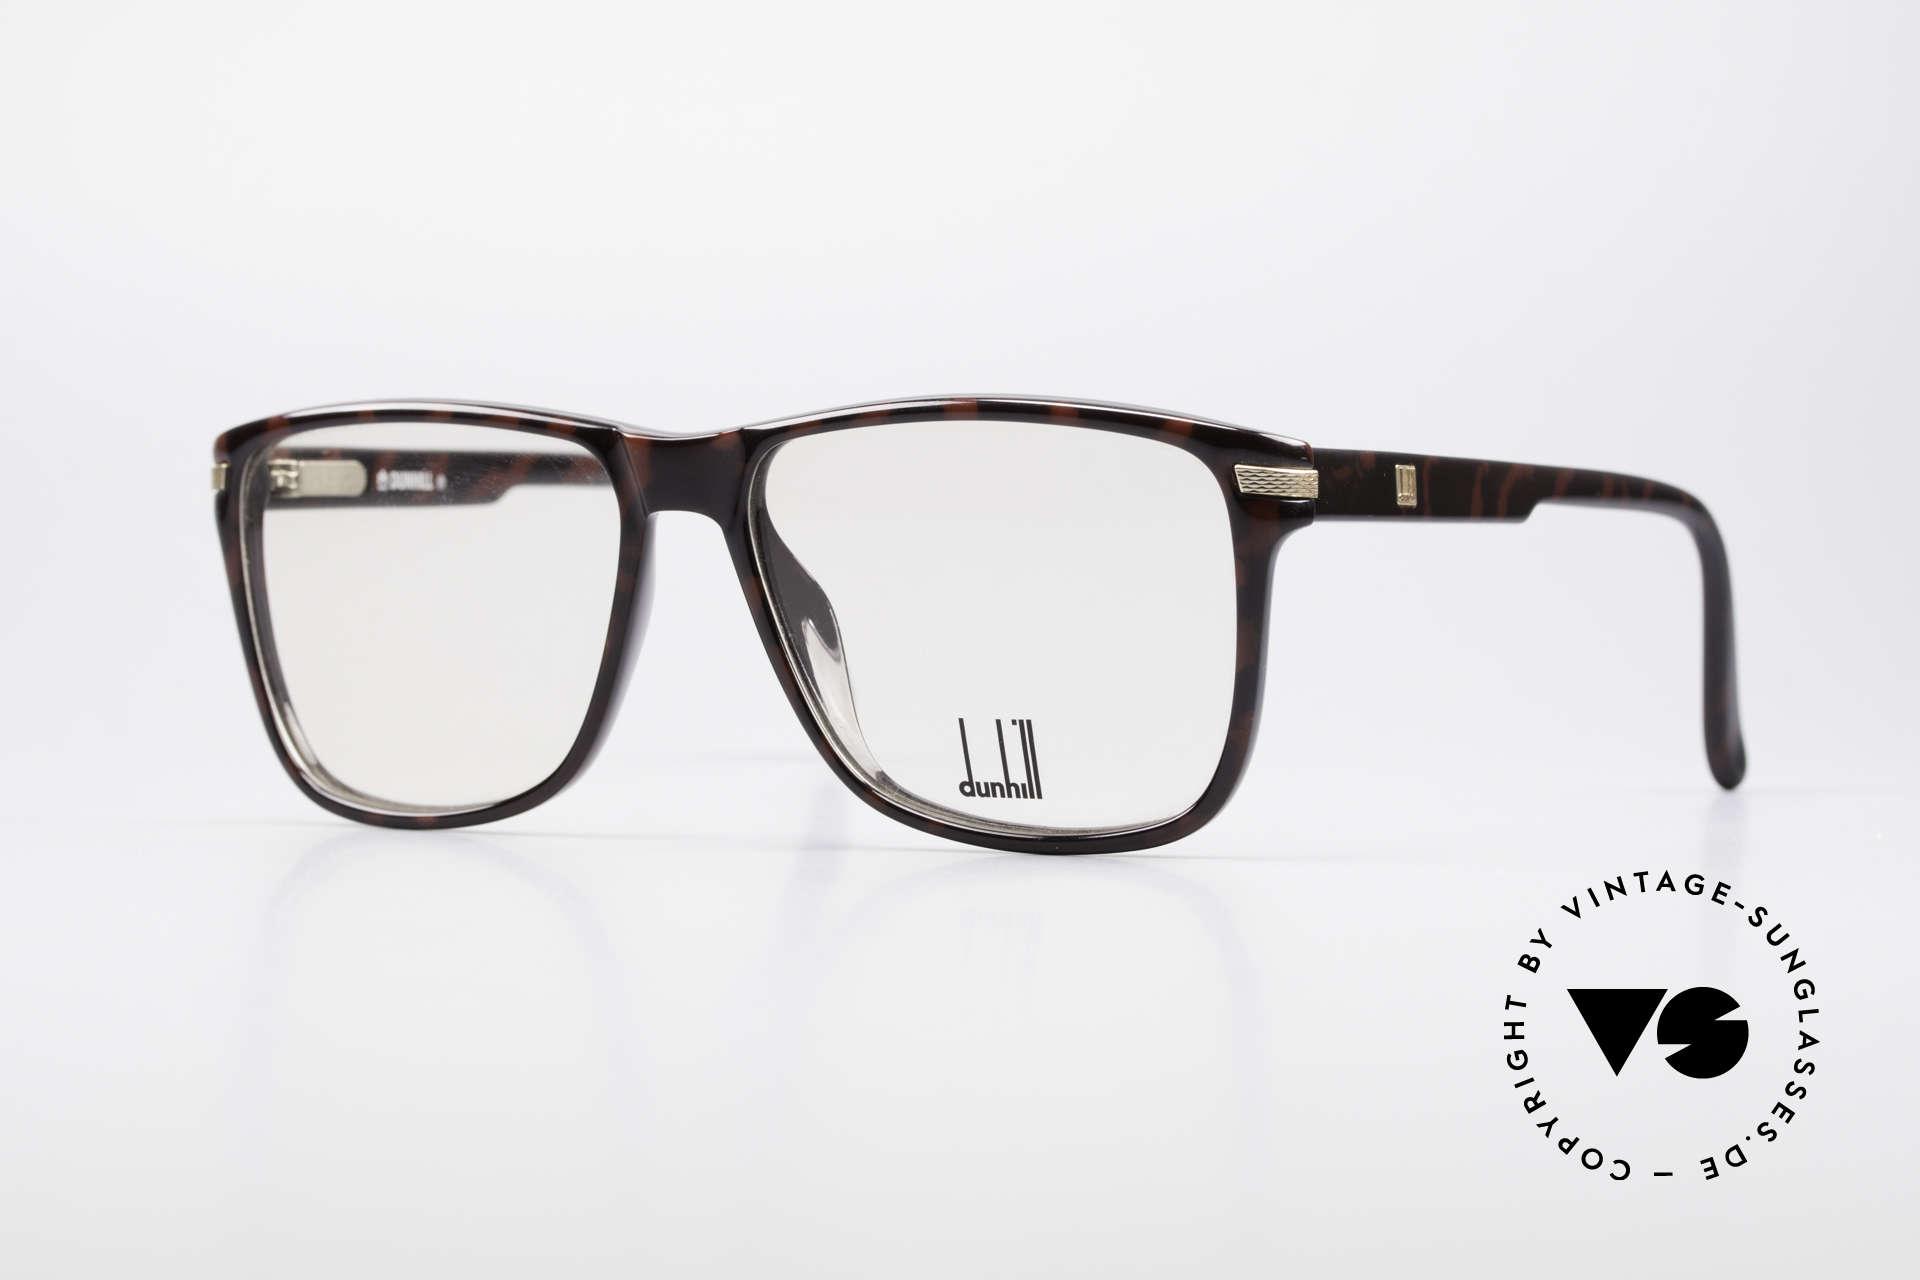 Dunhill 6055 Johnny Depp Nerd Stil Brille, elegante Alfred Dunhill Designer-Brille von 1988, Passend für Herren